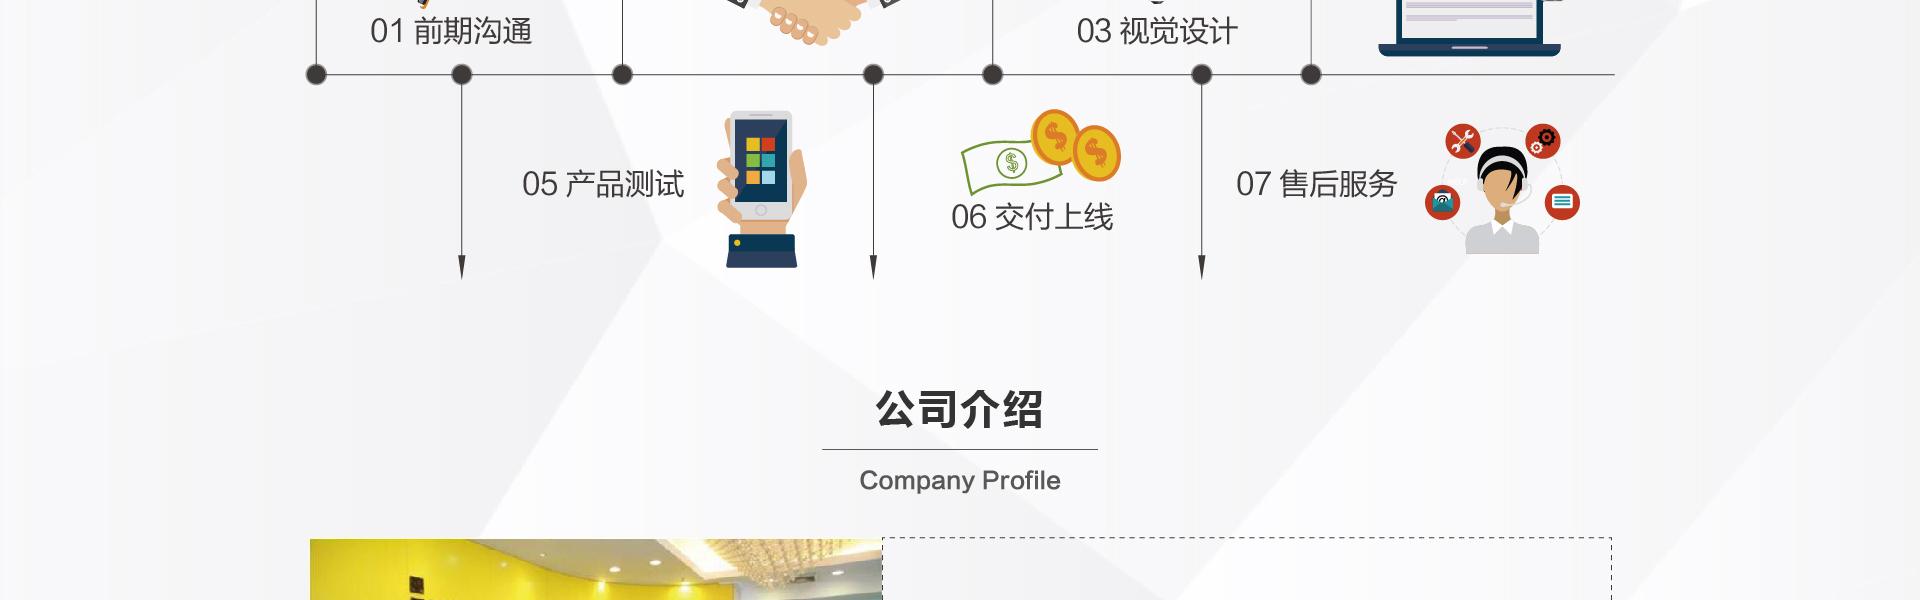 电脑版-首页11.jpg